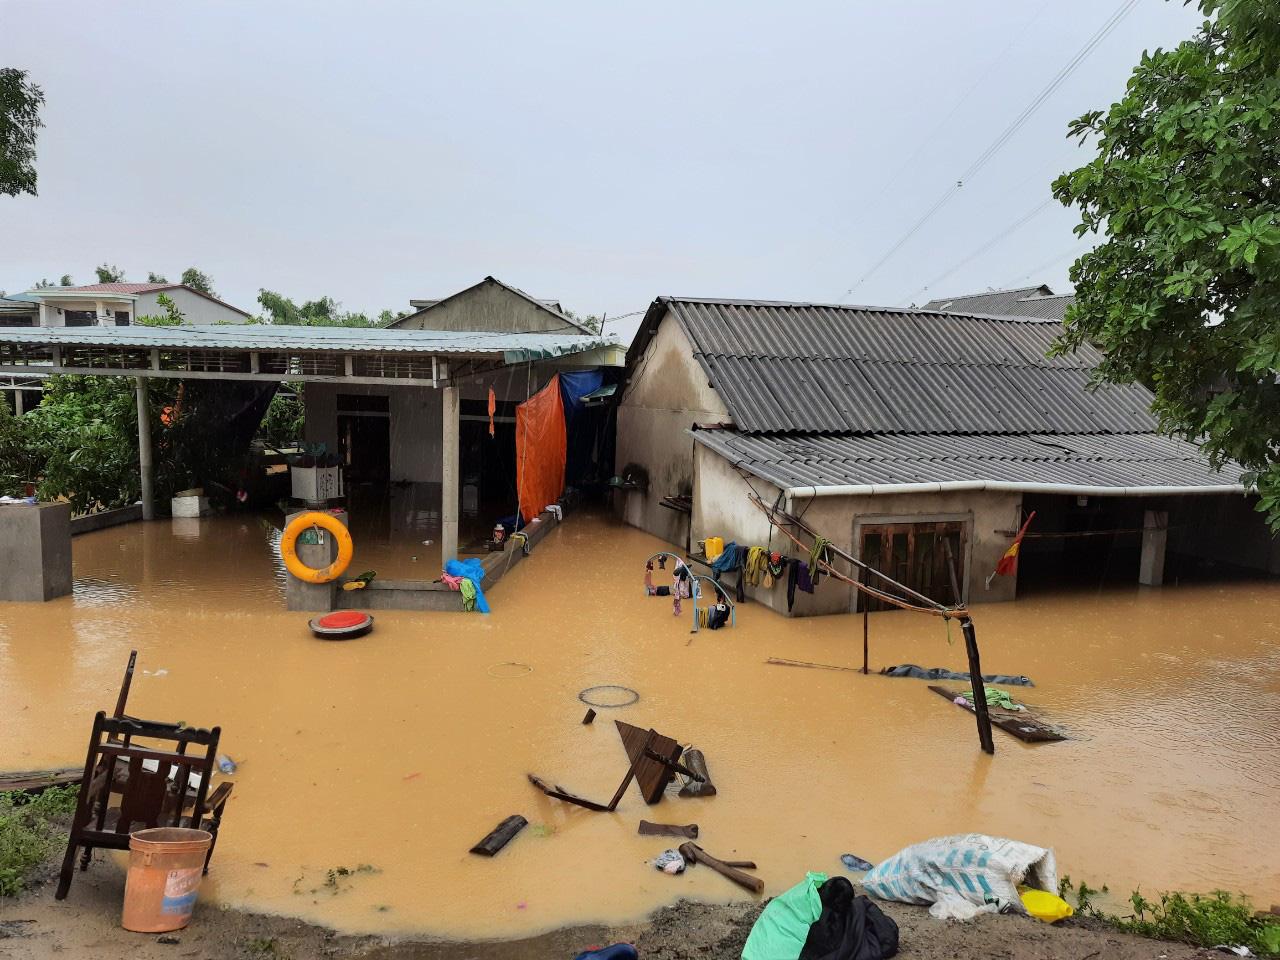 Quảng Trị: 7 người mất tích, 1 người chết, nước lũ đang rút chậm - Ảnh 4.